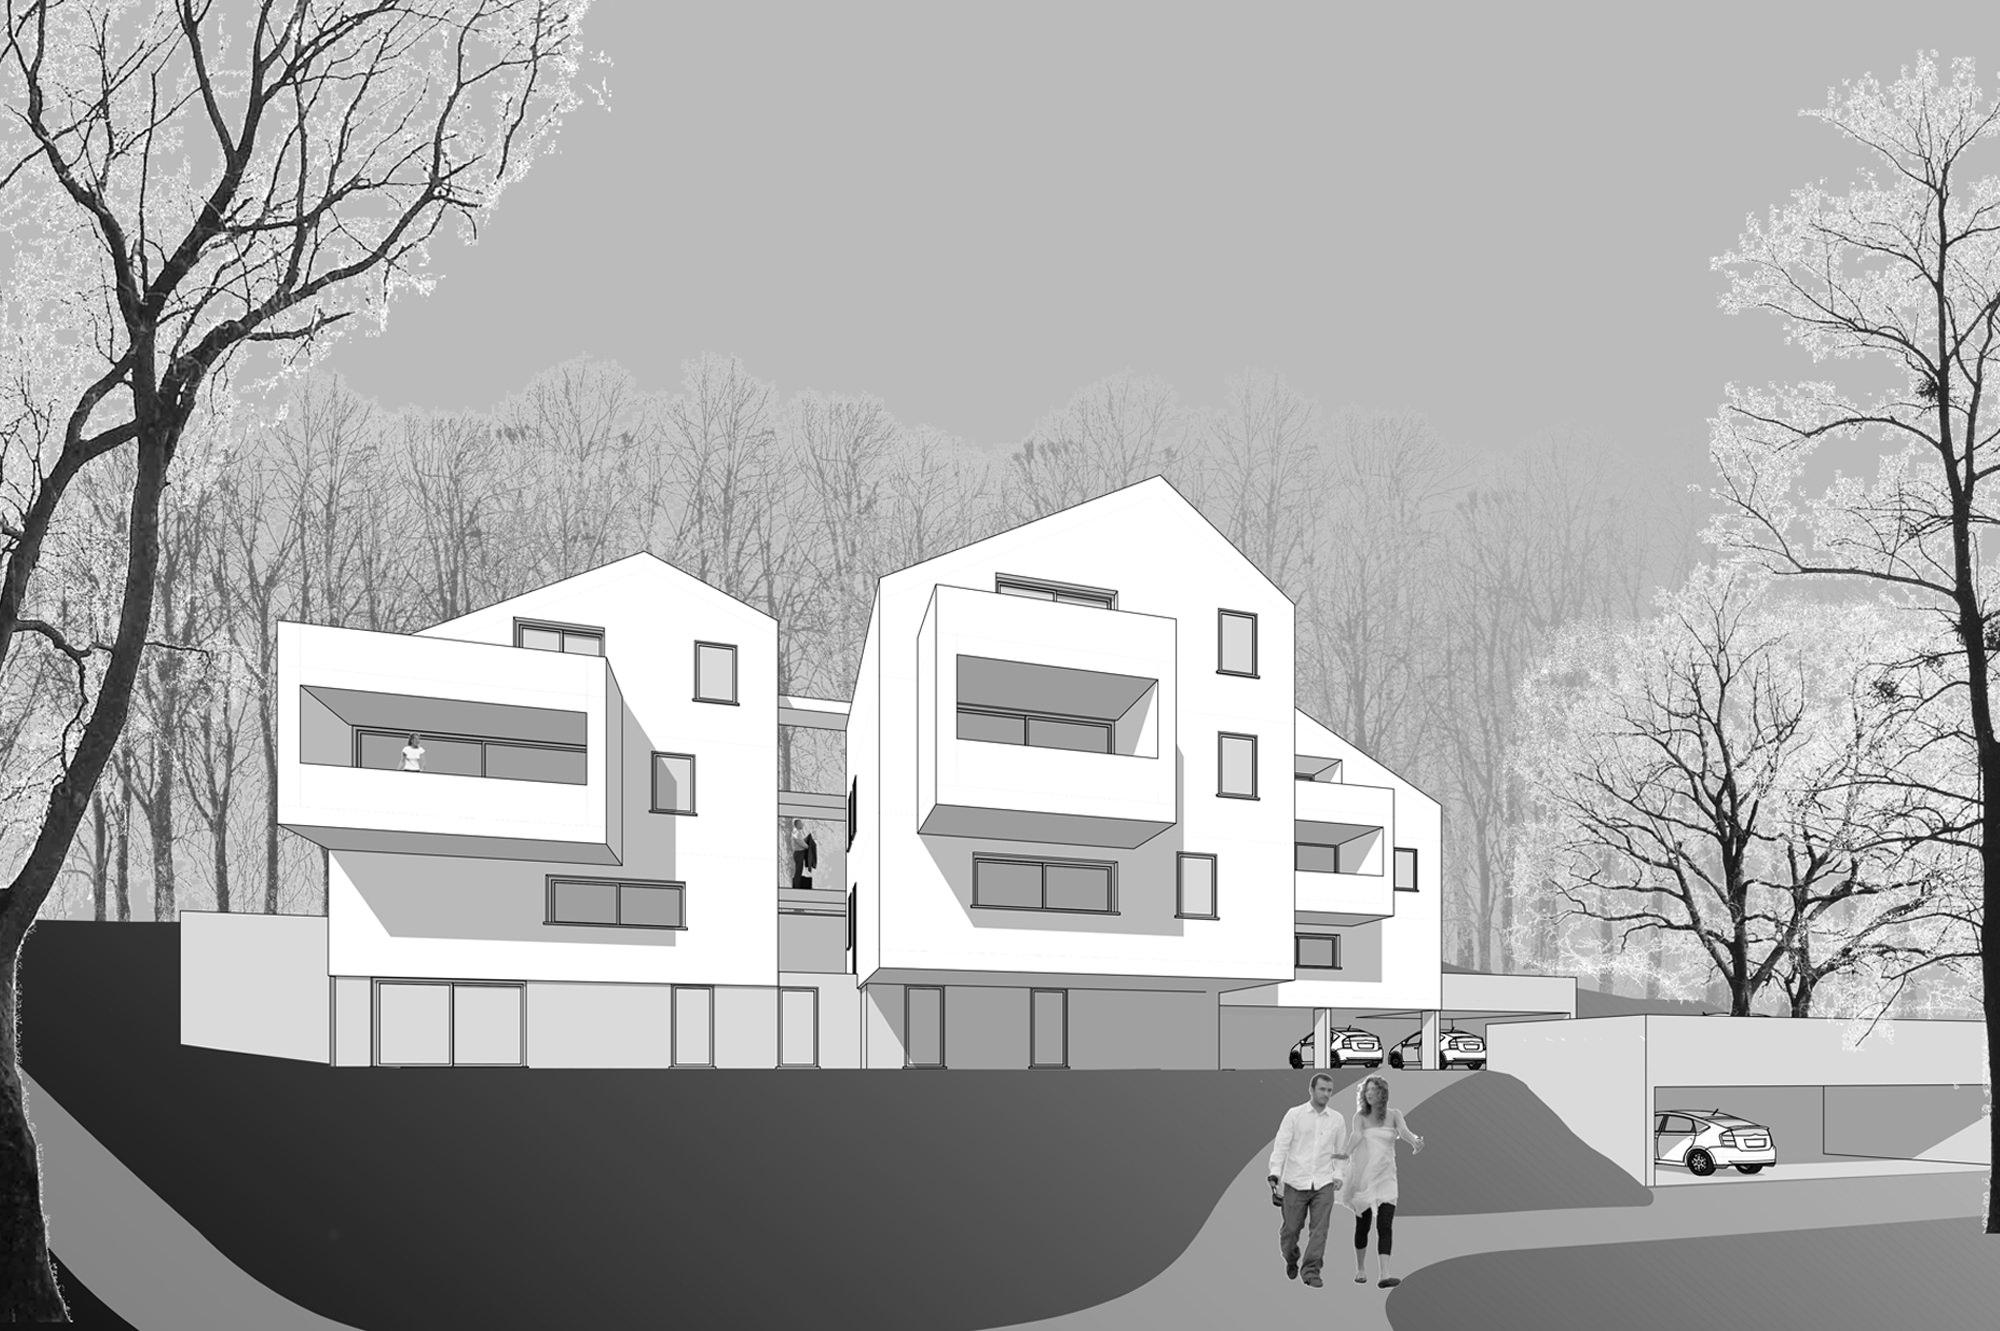 keutschach_01_wettbewerb__junger_beer_architektur